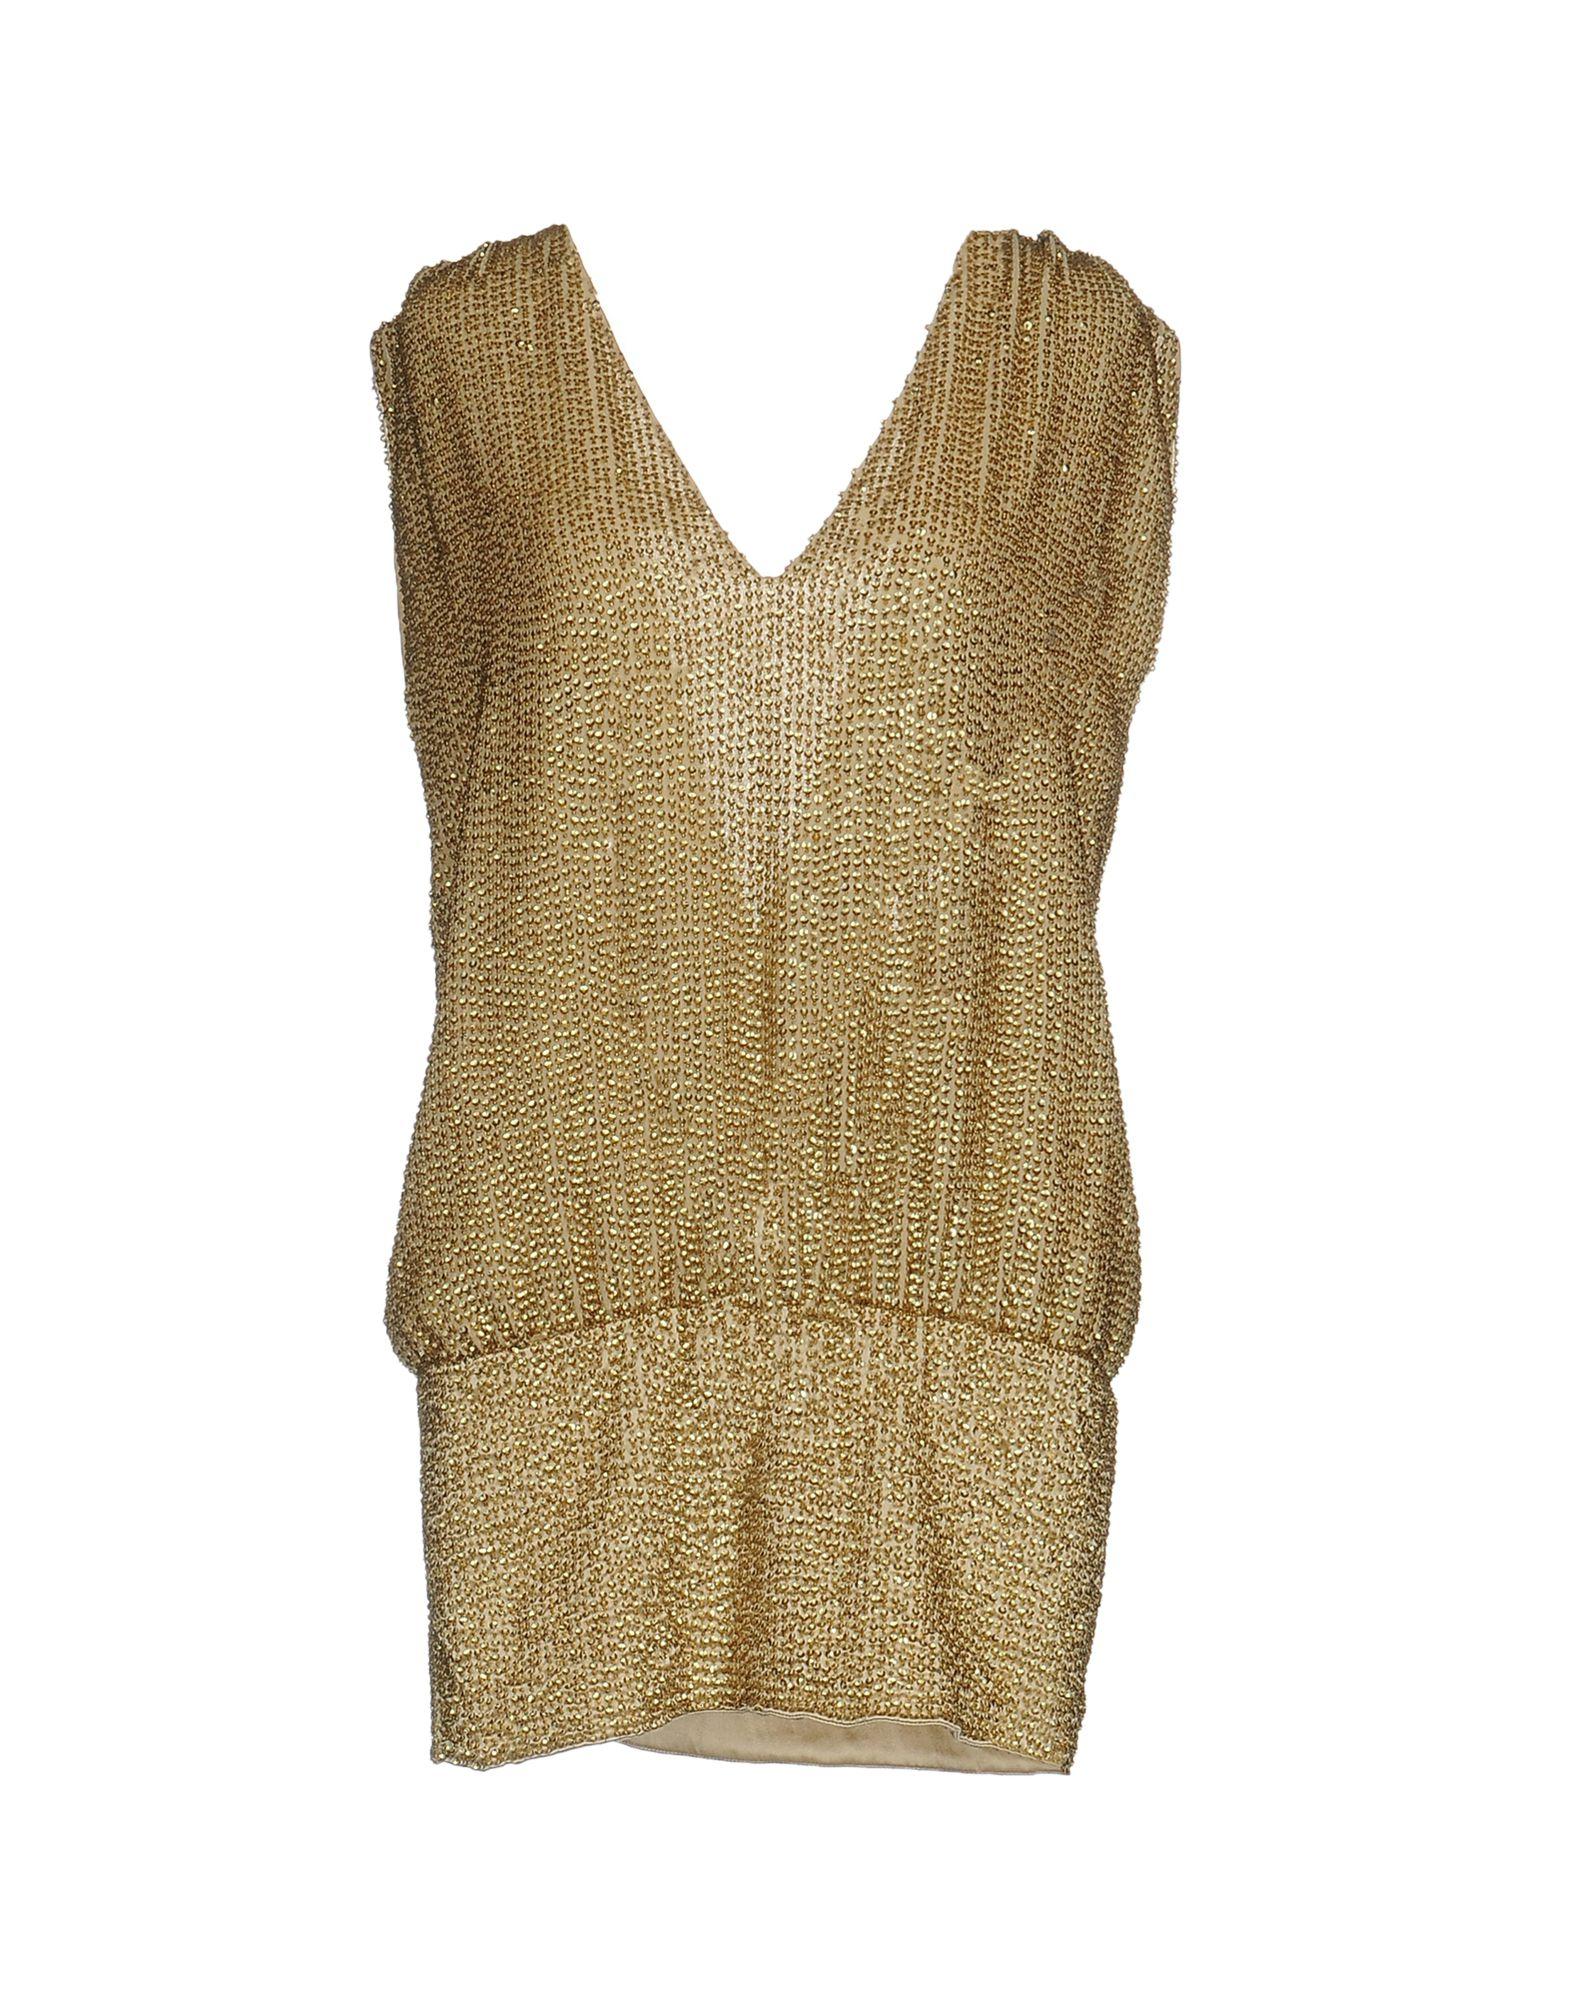 PINKO Damen Kurzes Kleid Farbe Gold Größe 4